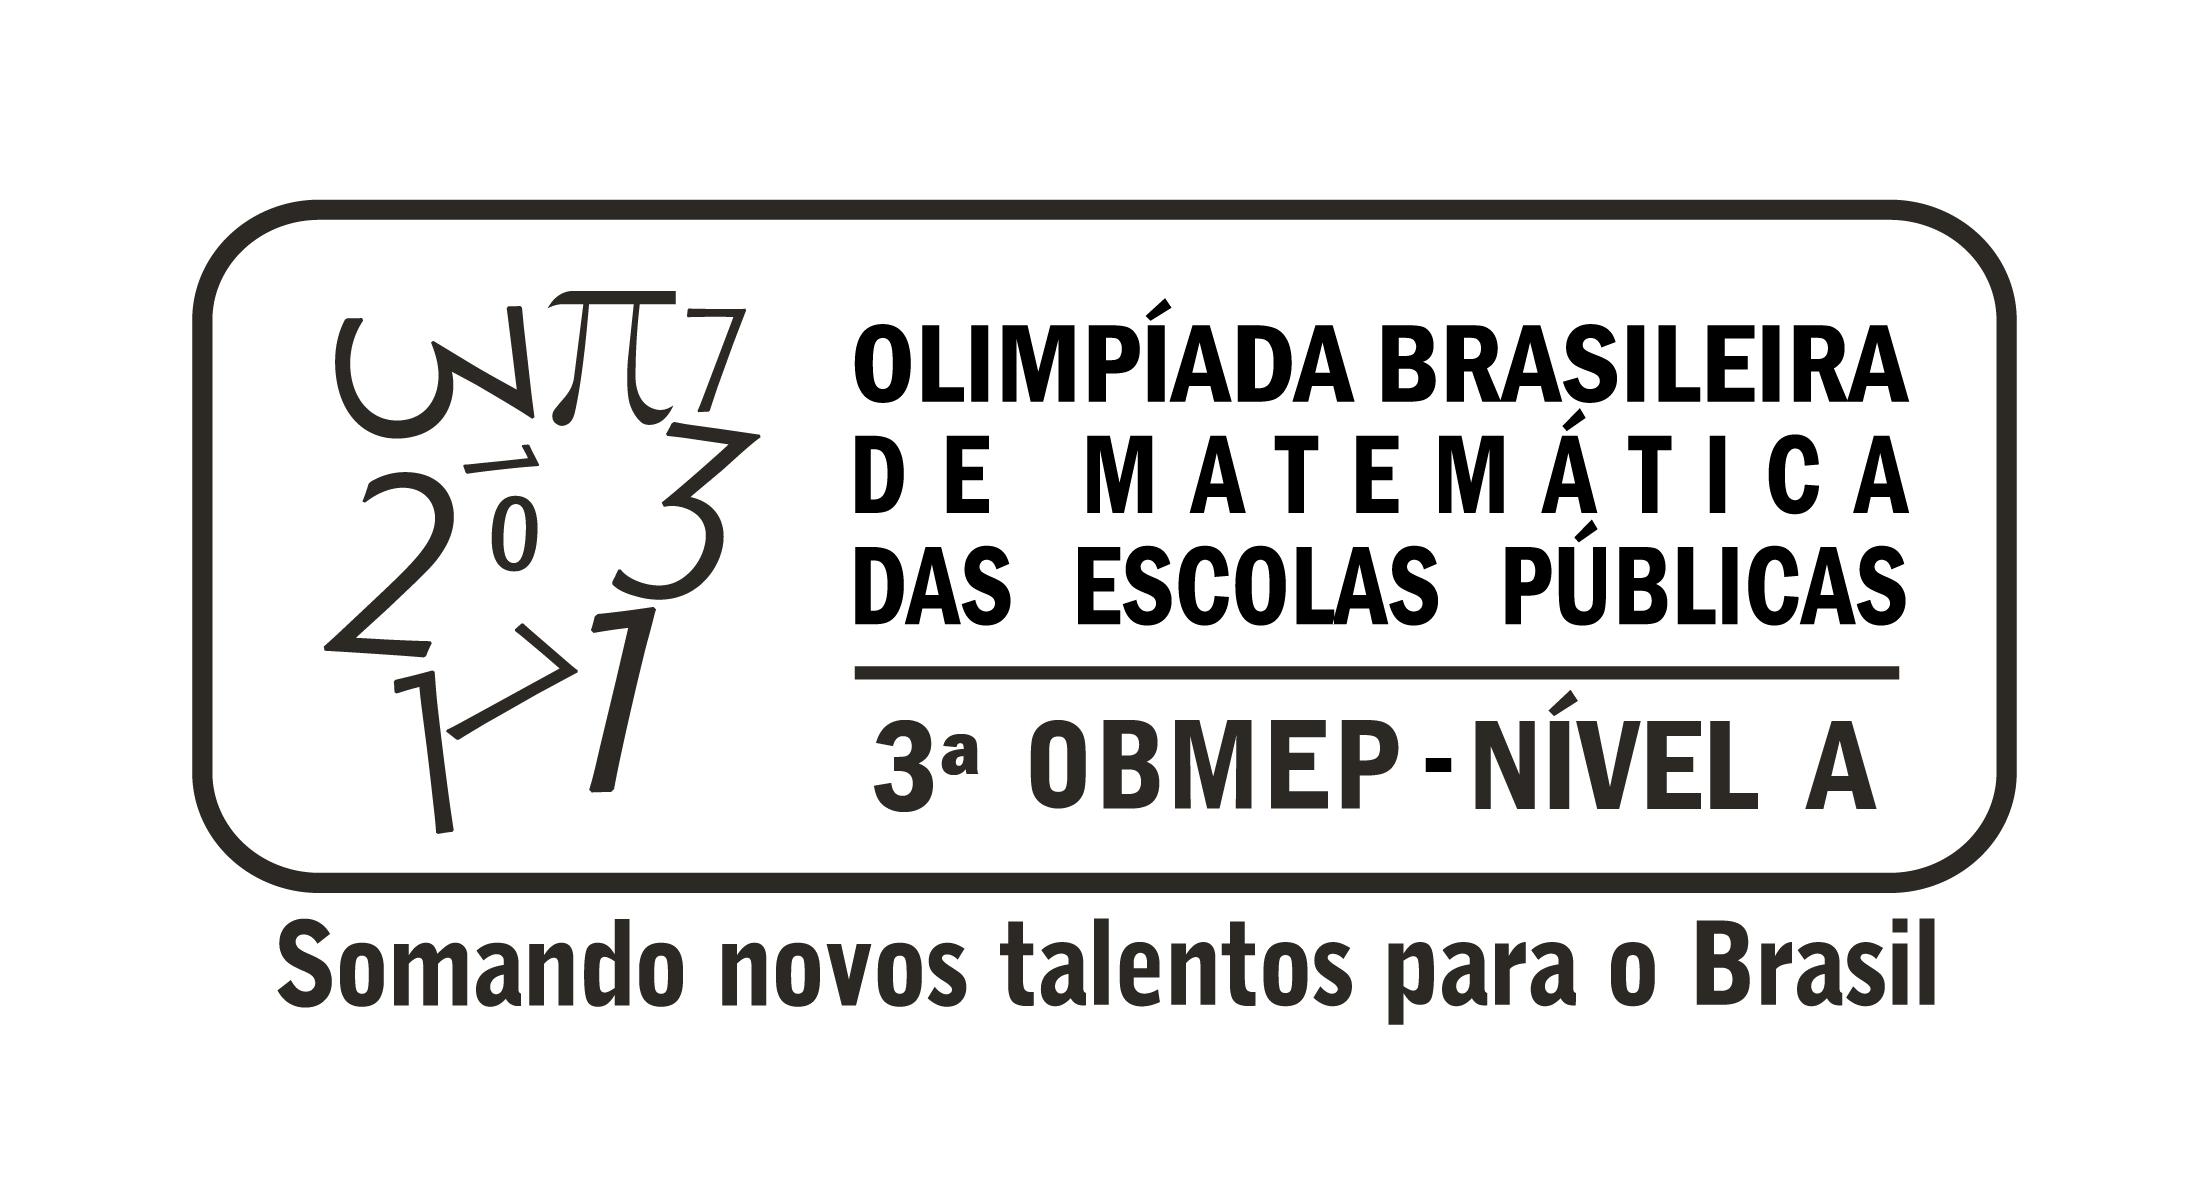 Olimpíada Brasileira de Matemática das Escolas Públicas - Nível A